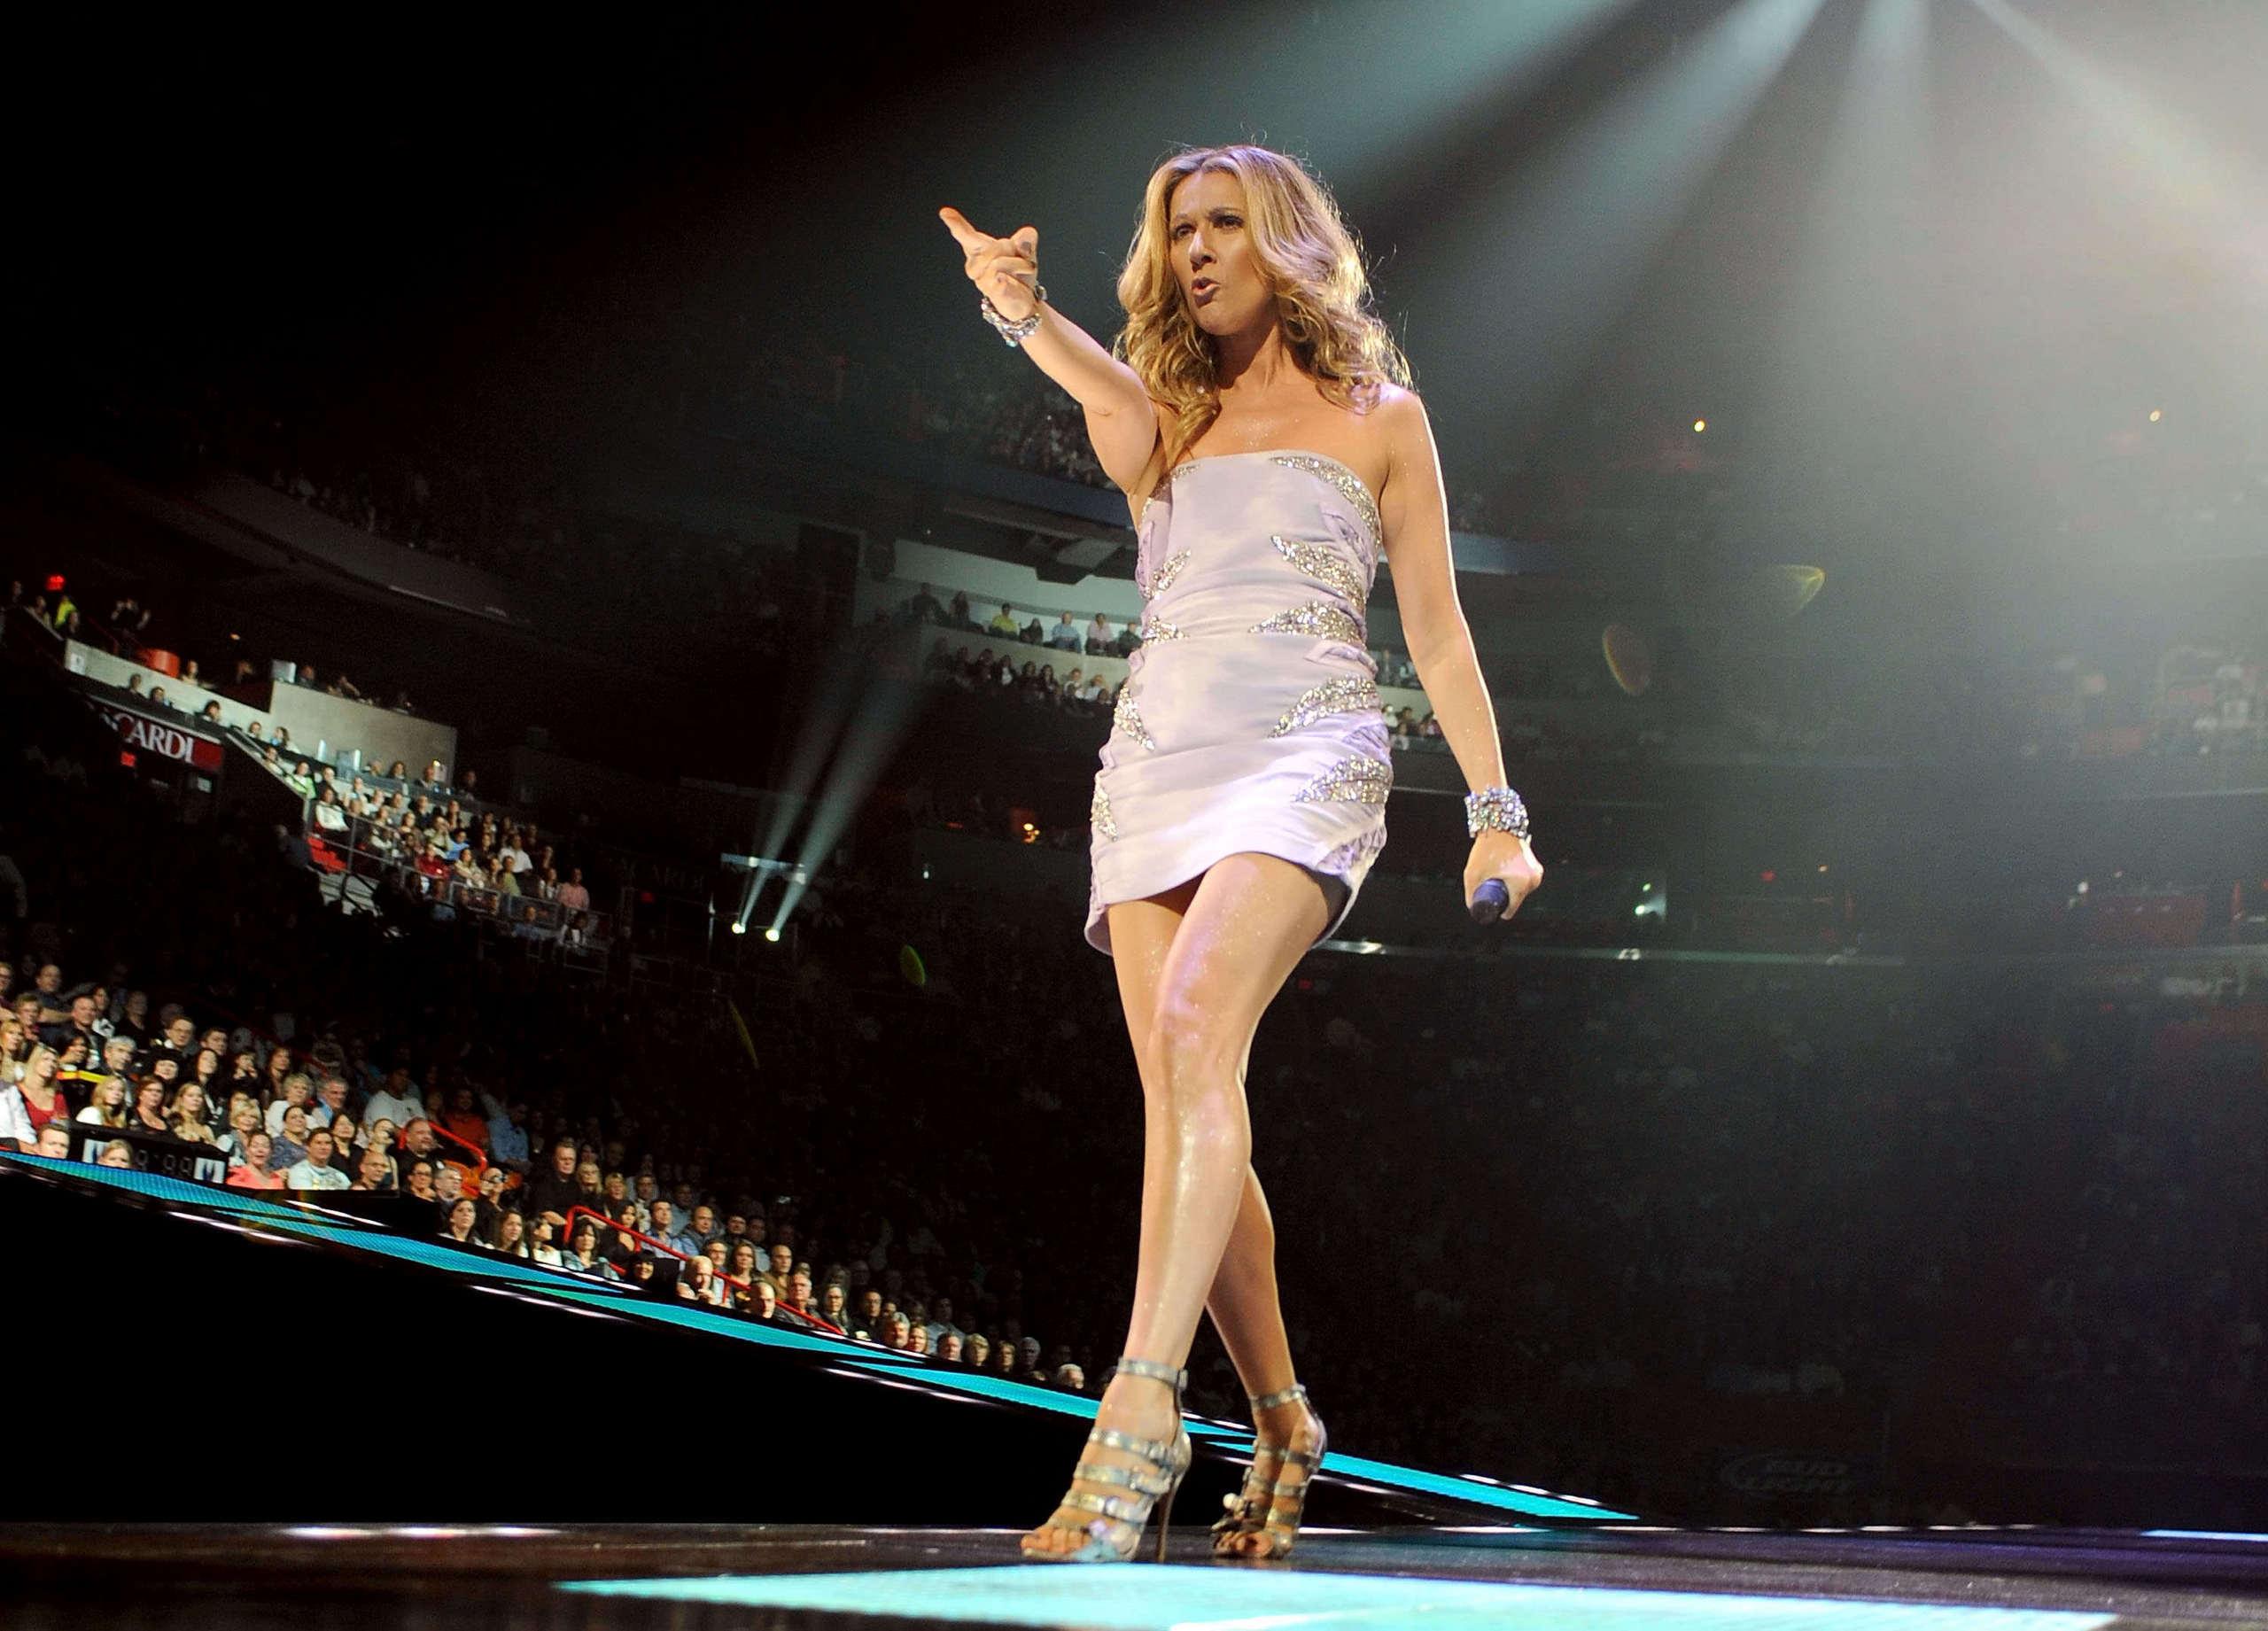 Celine Dion 4k